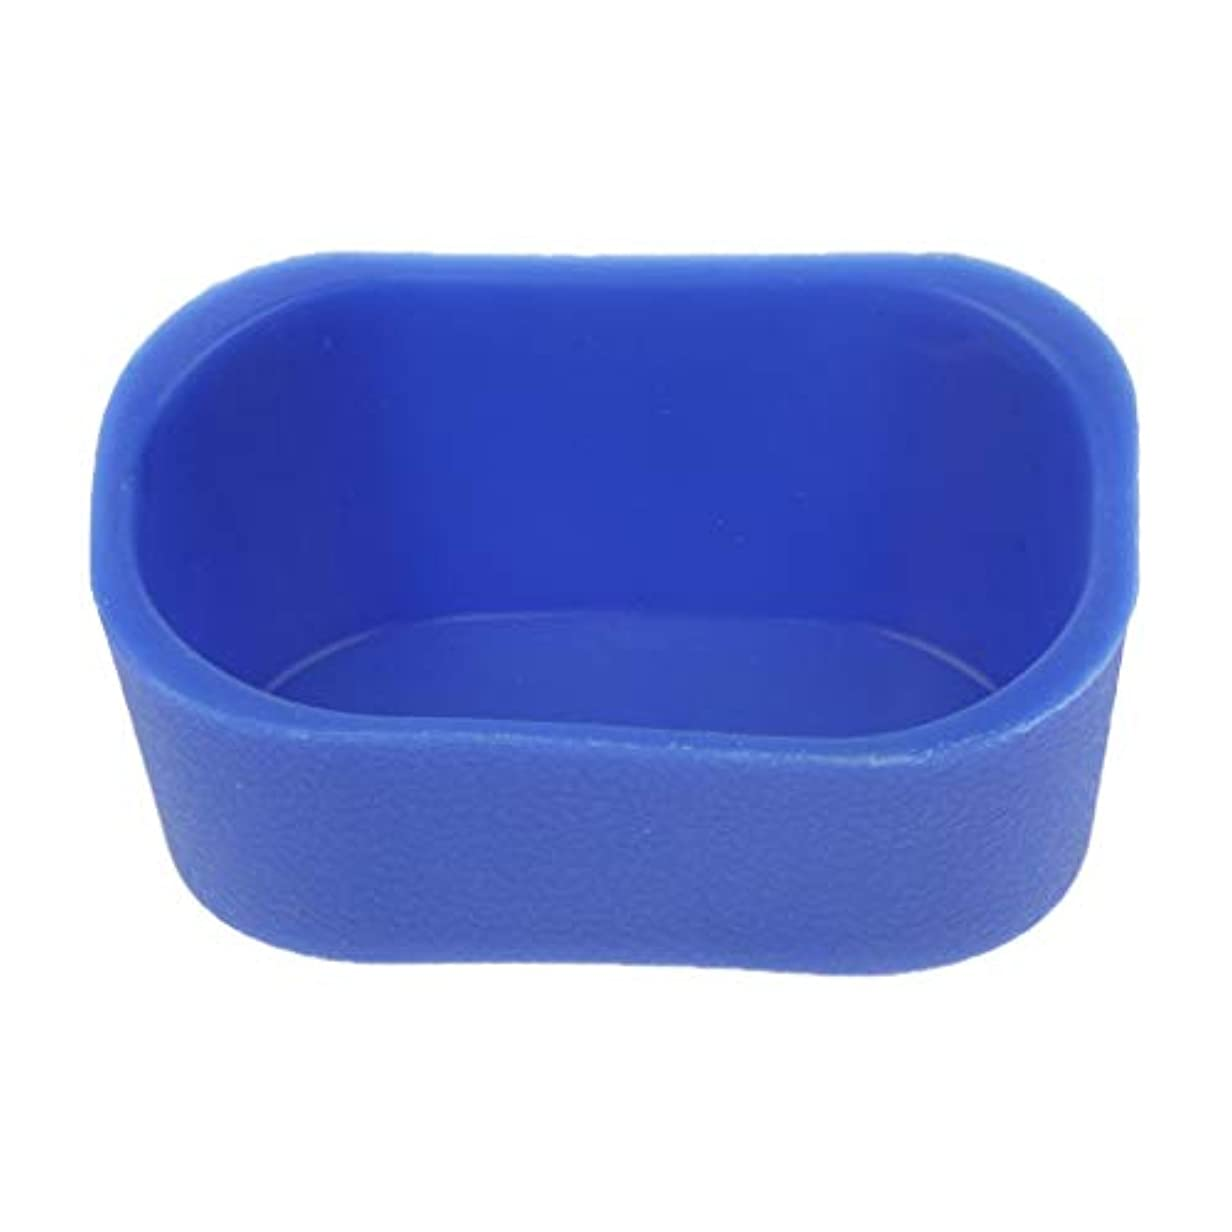 通知する絡まるフェードシャンプーボウル ピロー ネックレス クッション 高品質 5色選べ - 青